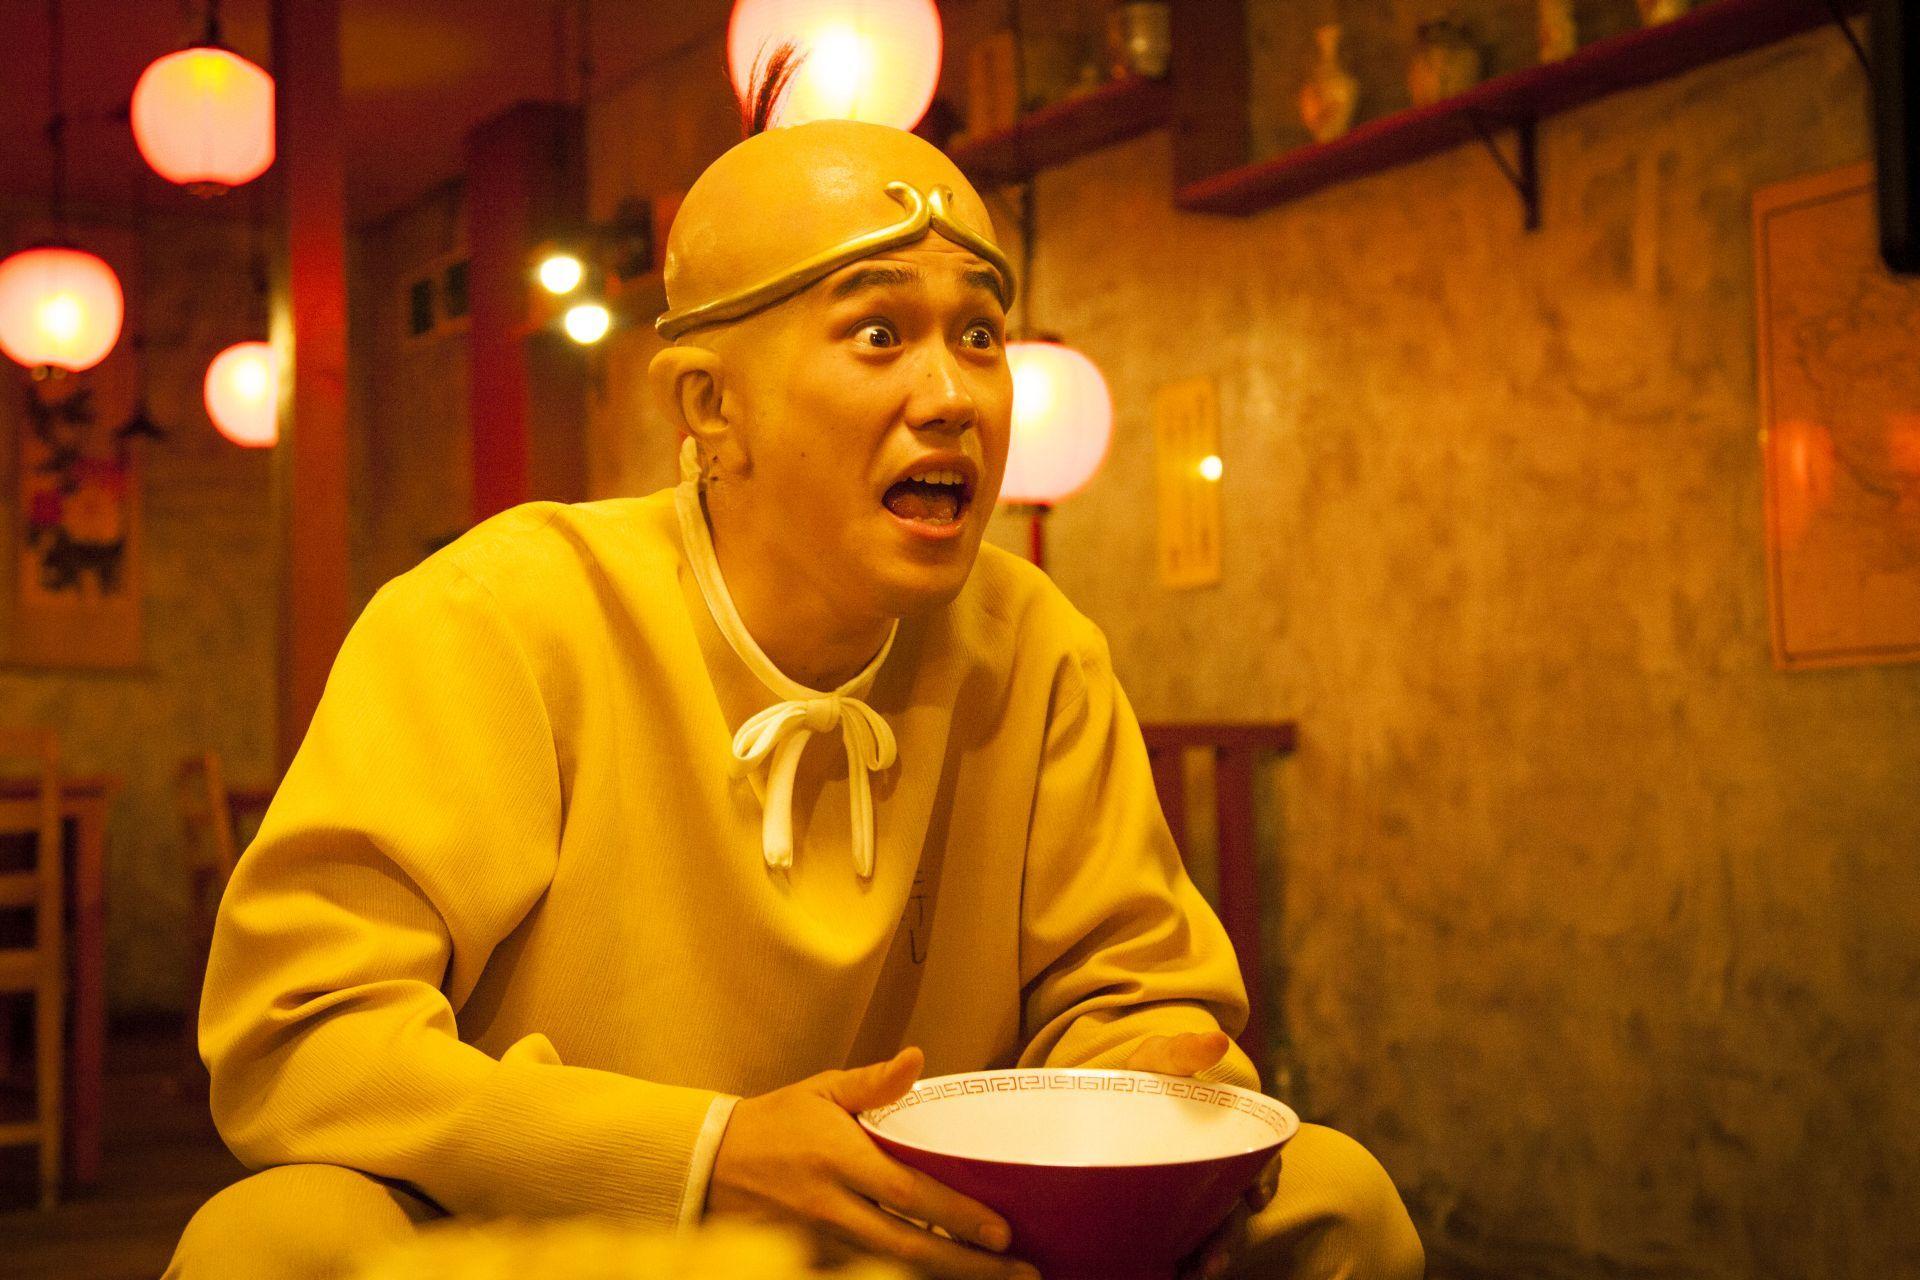 松山ケンイチ演じる山田太郎(イイ顔) ⓒ漫☆画太郎/集英社・「珍遊記」製作委員会